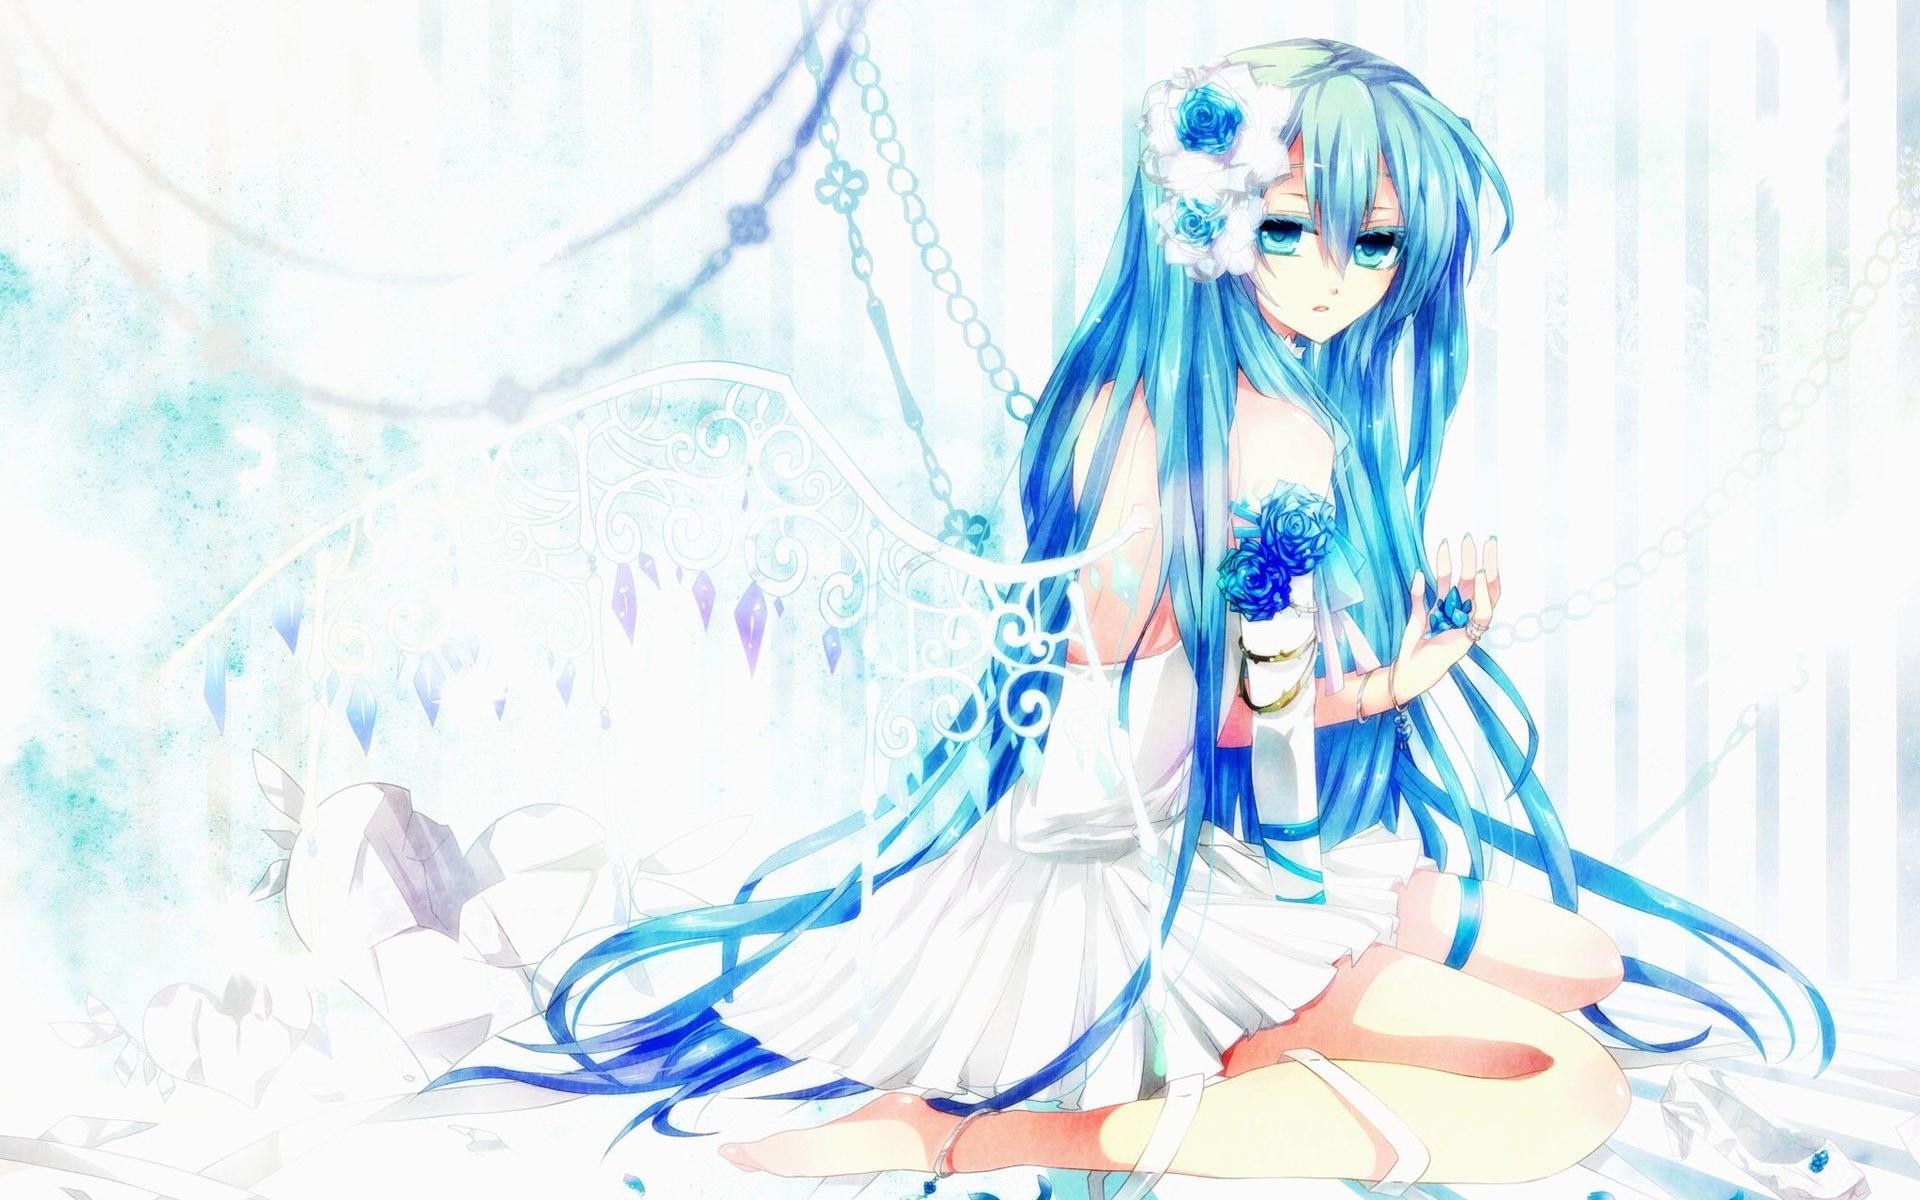 … Hatsune Miku – Vocaloid